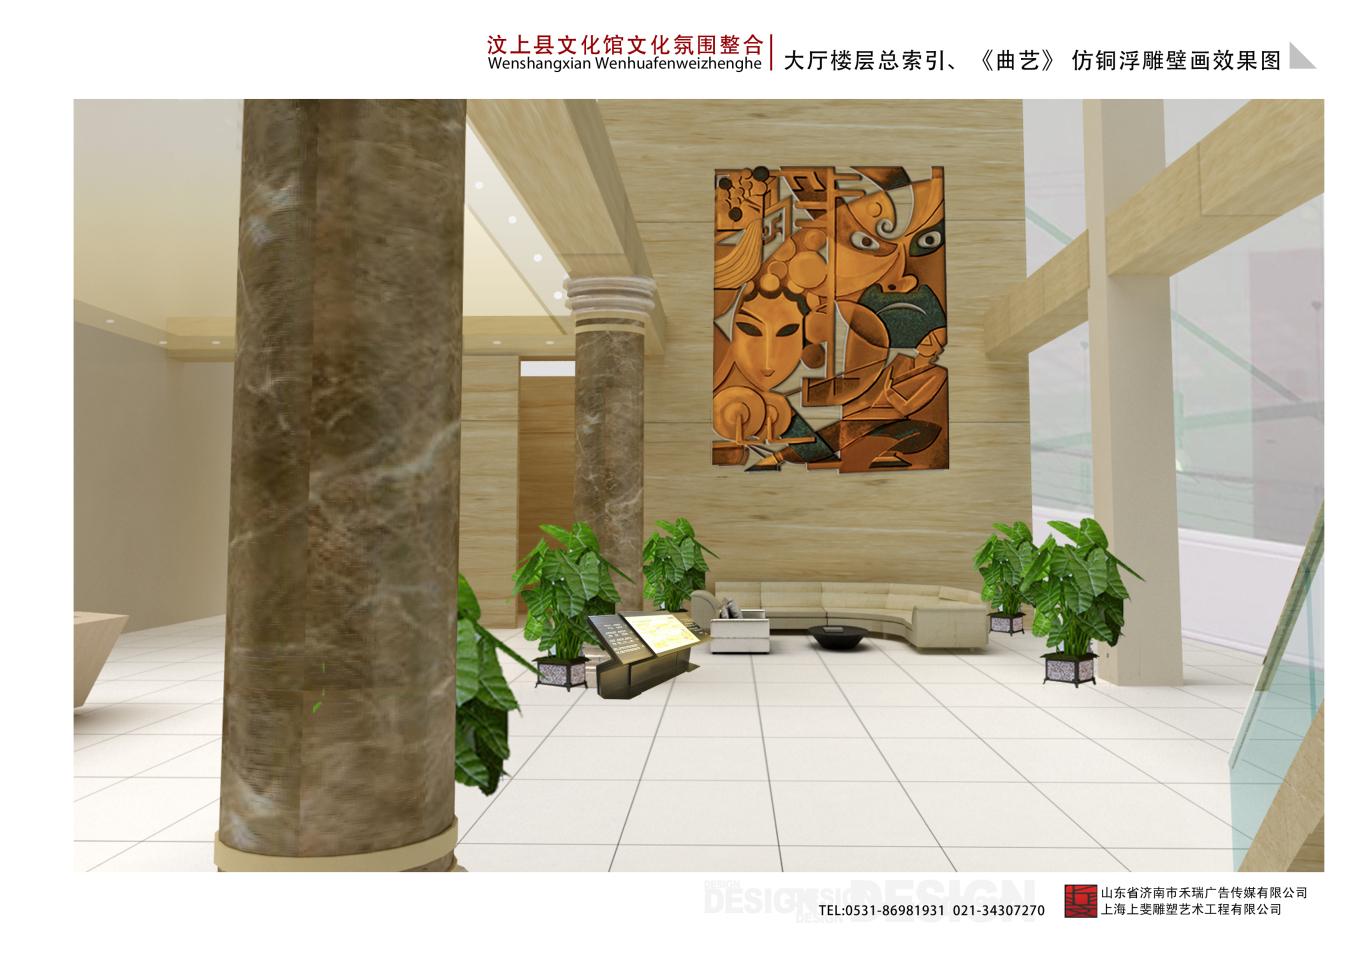 文化艺术中心图28